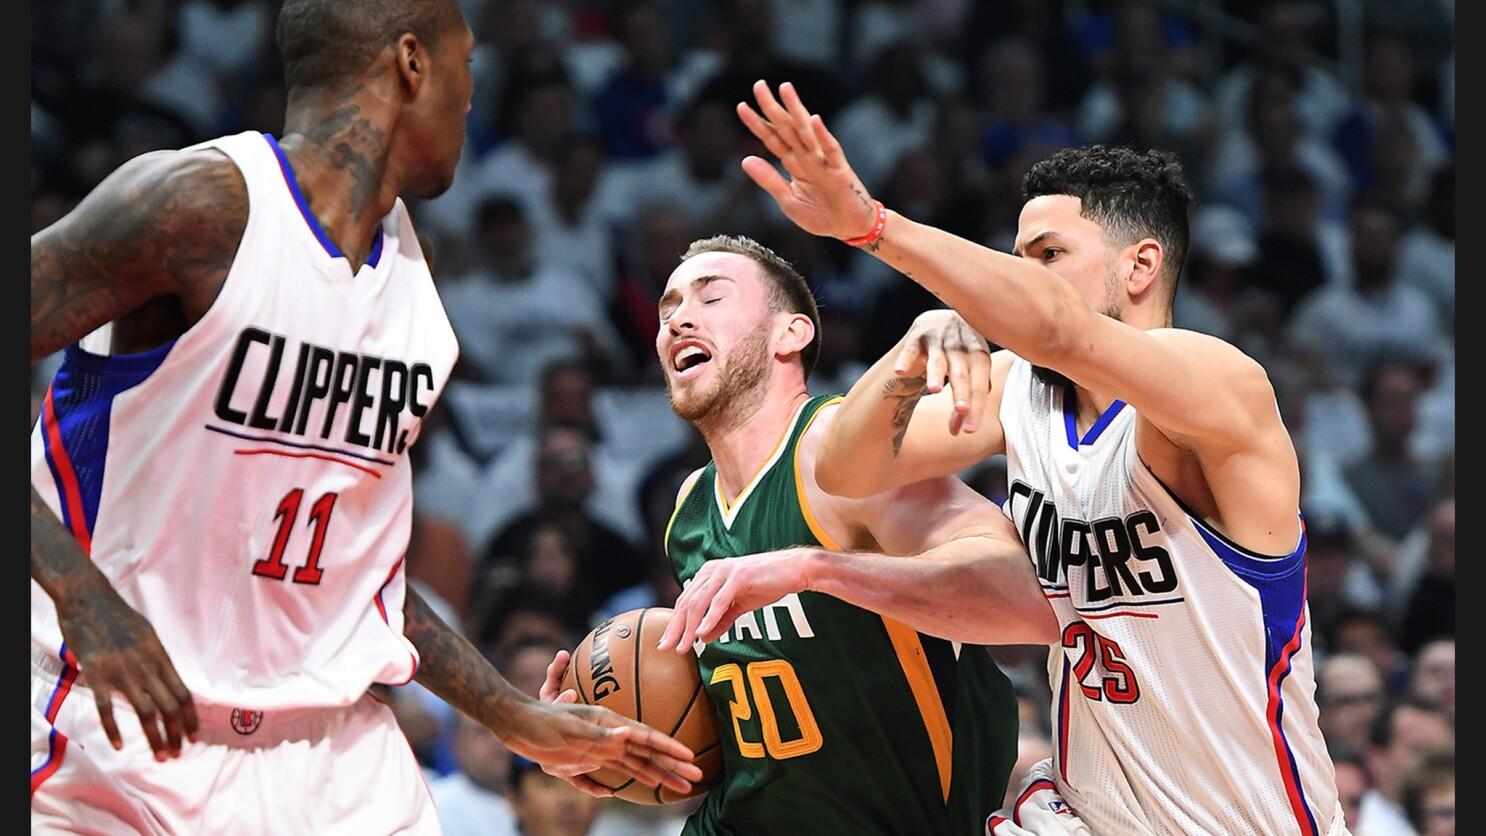 Nba Free Agency Forward Gordon Hayward Will Join The Boston Celtics Los Angeles Times